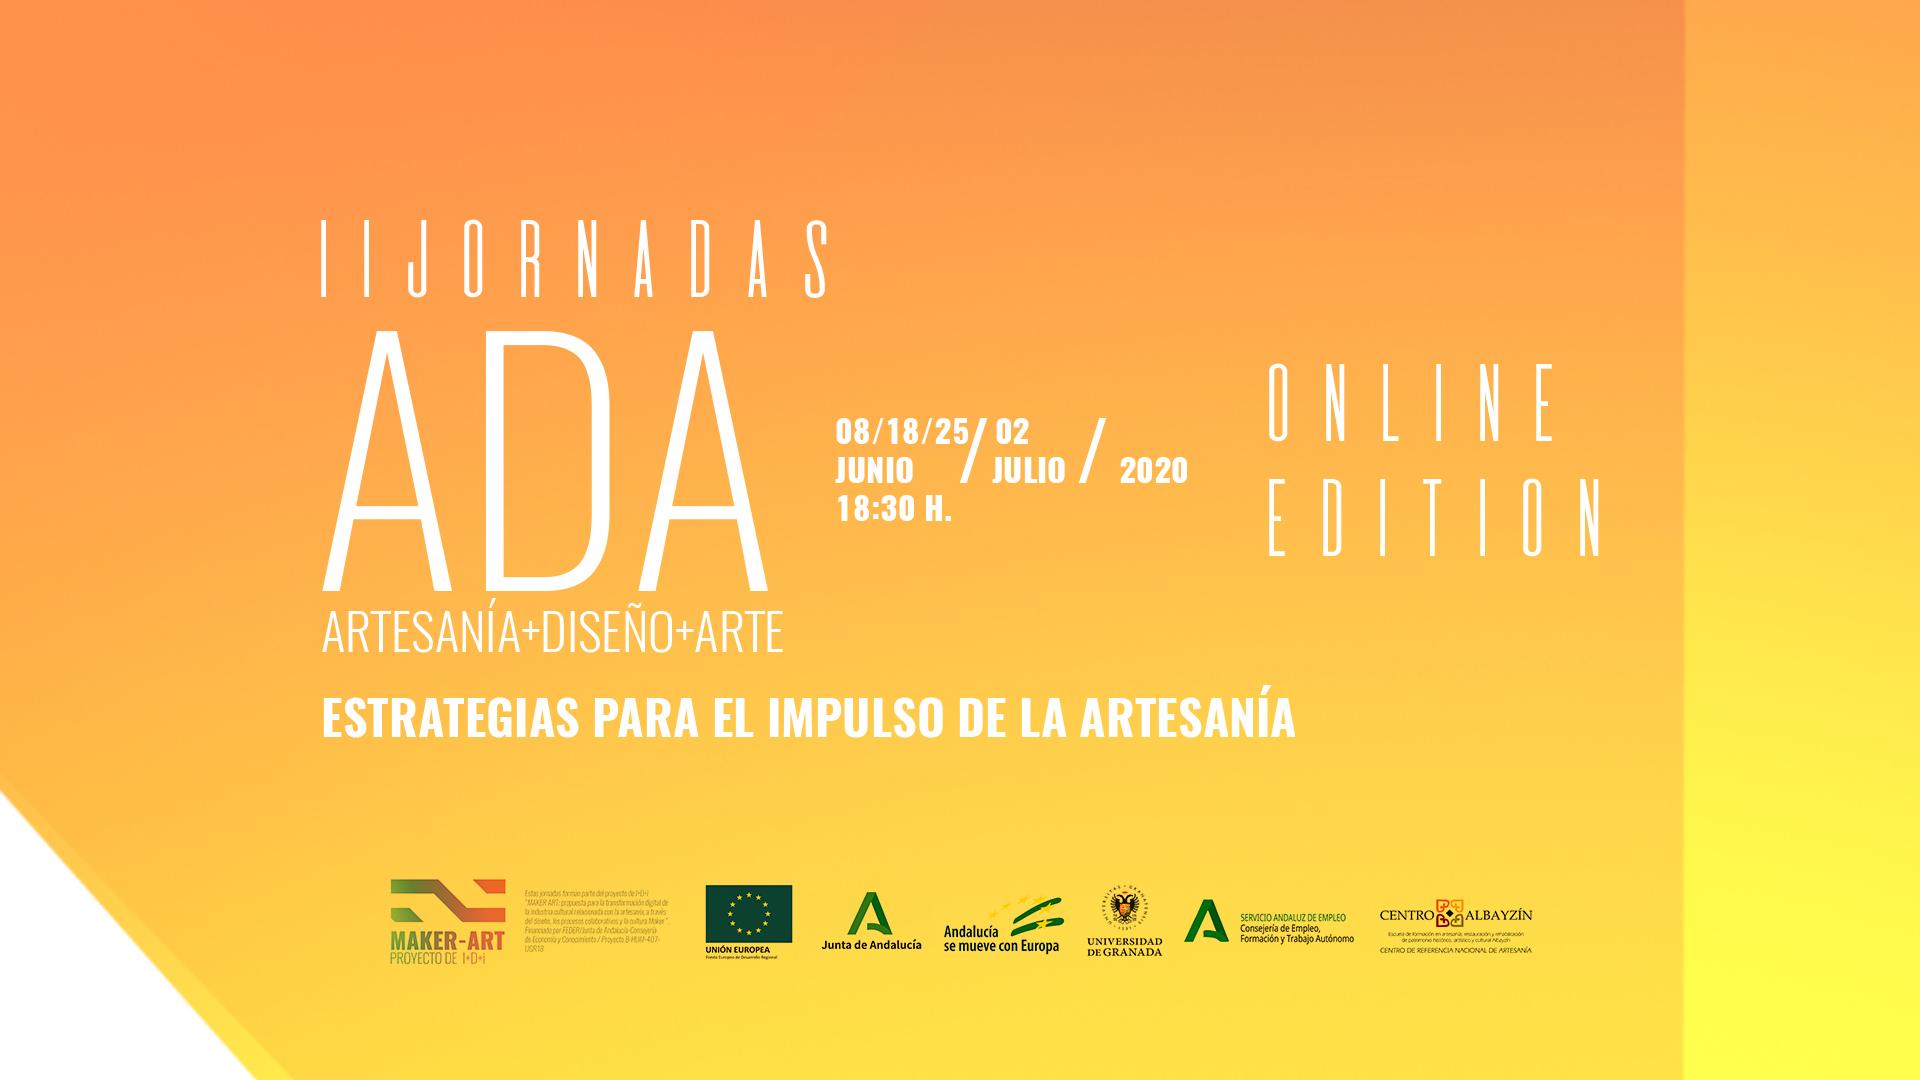 II Jornadas ADA: Artesanía+Diseño+Arte (edición virtual)